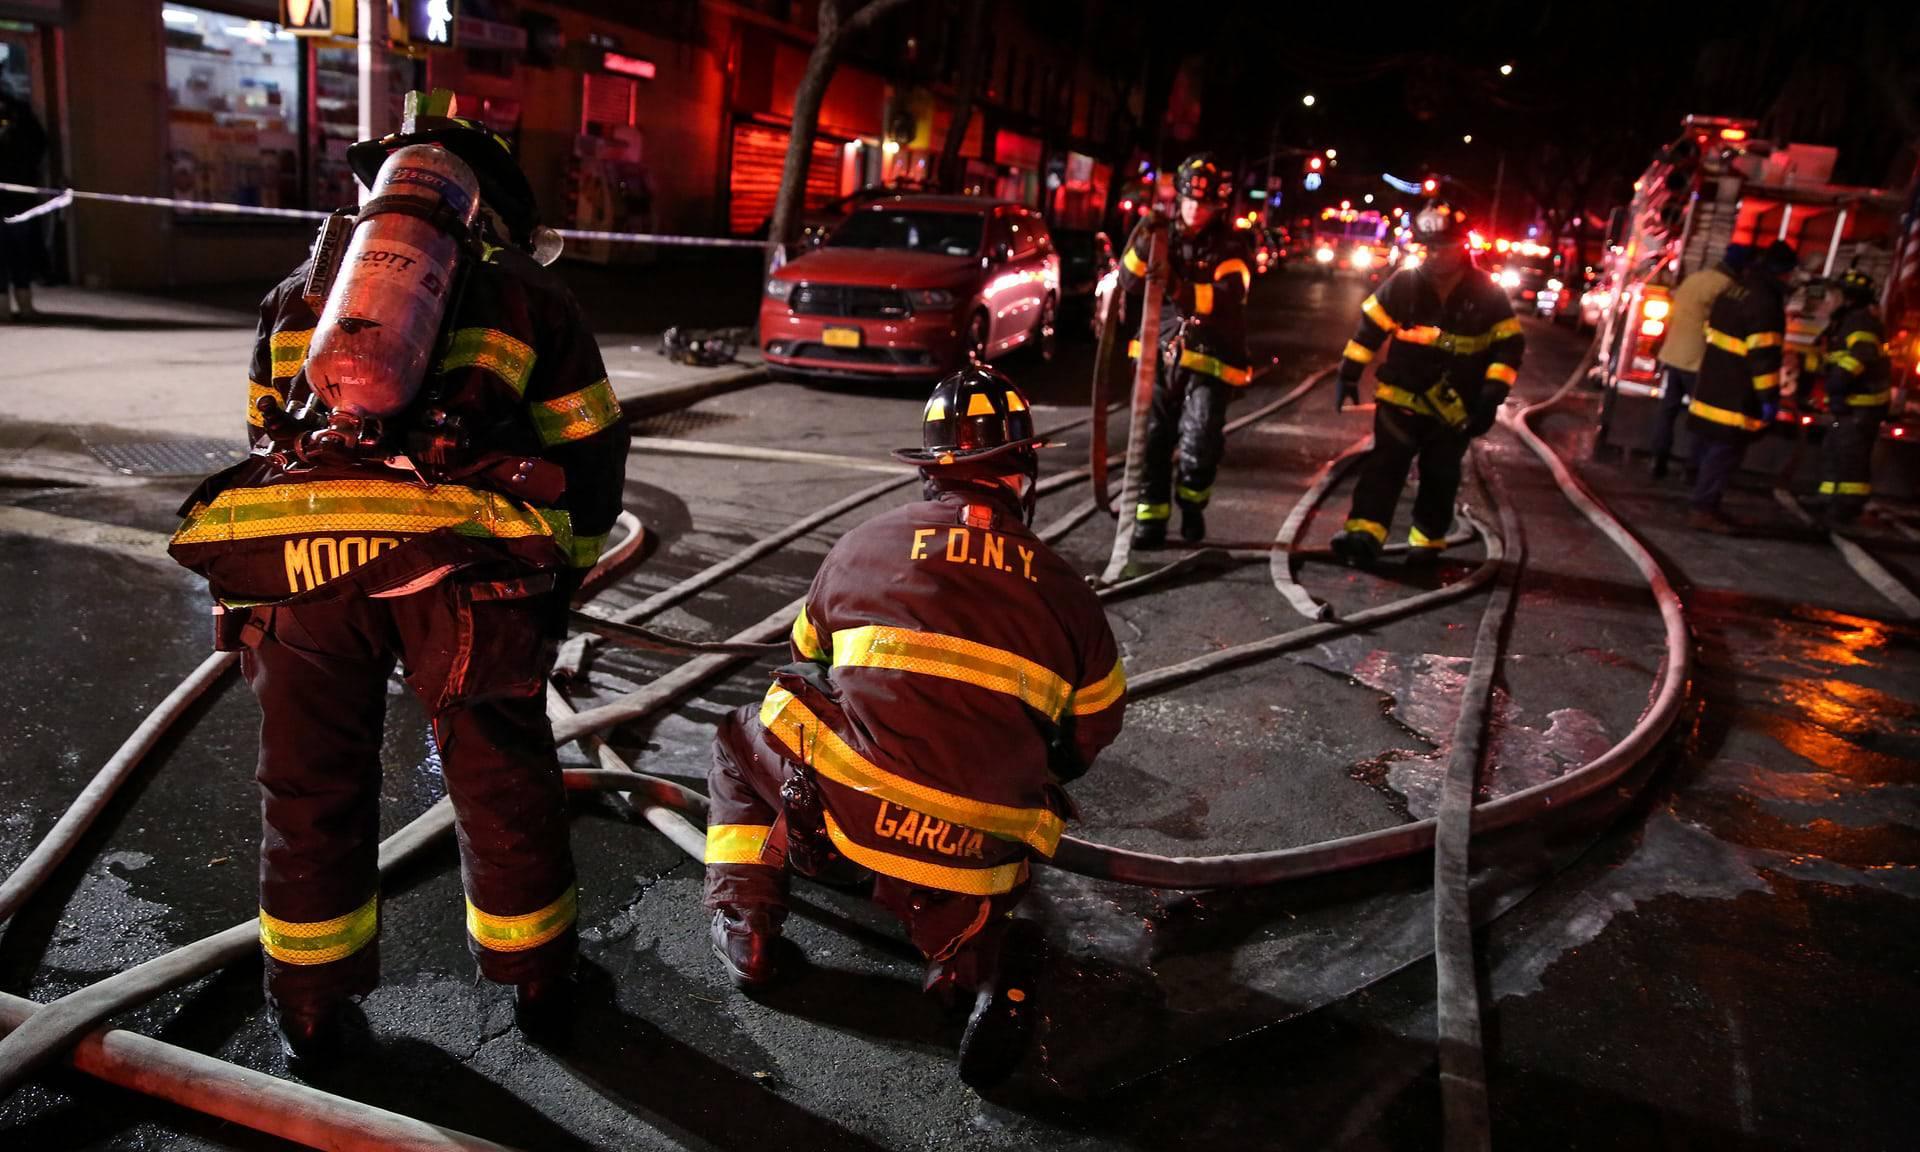 Drammatico incendio a New York: è una strage